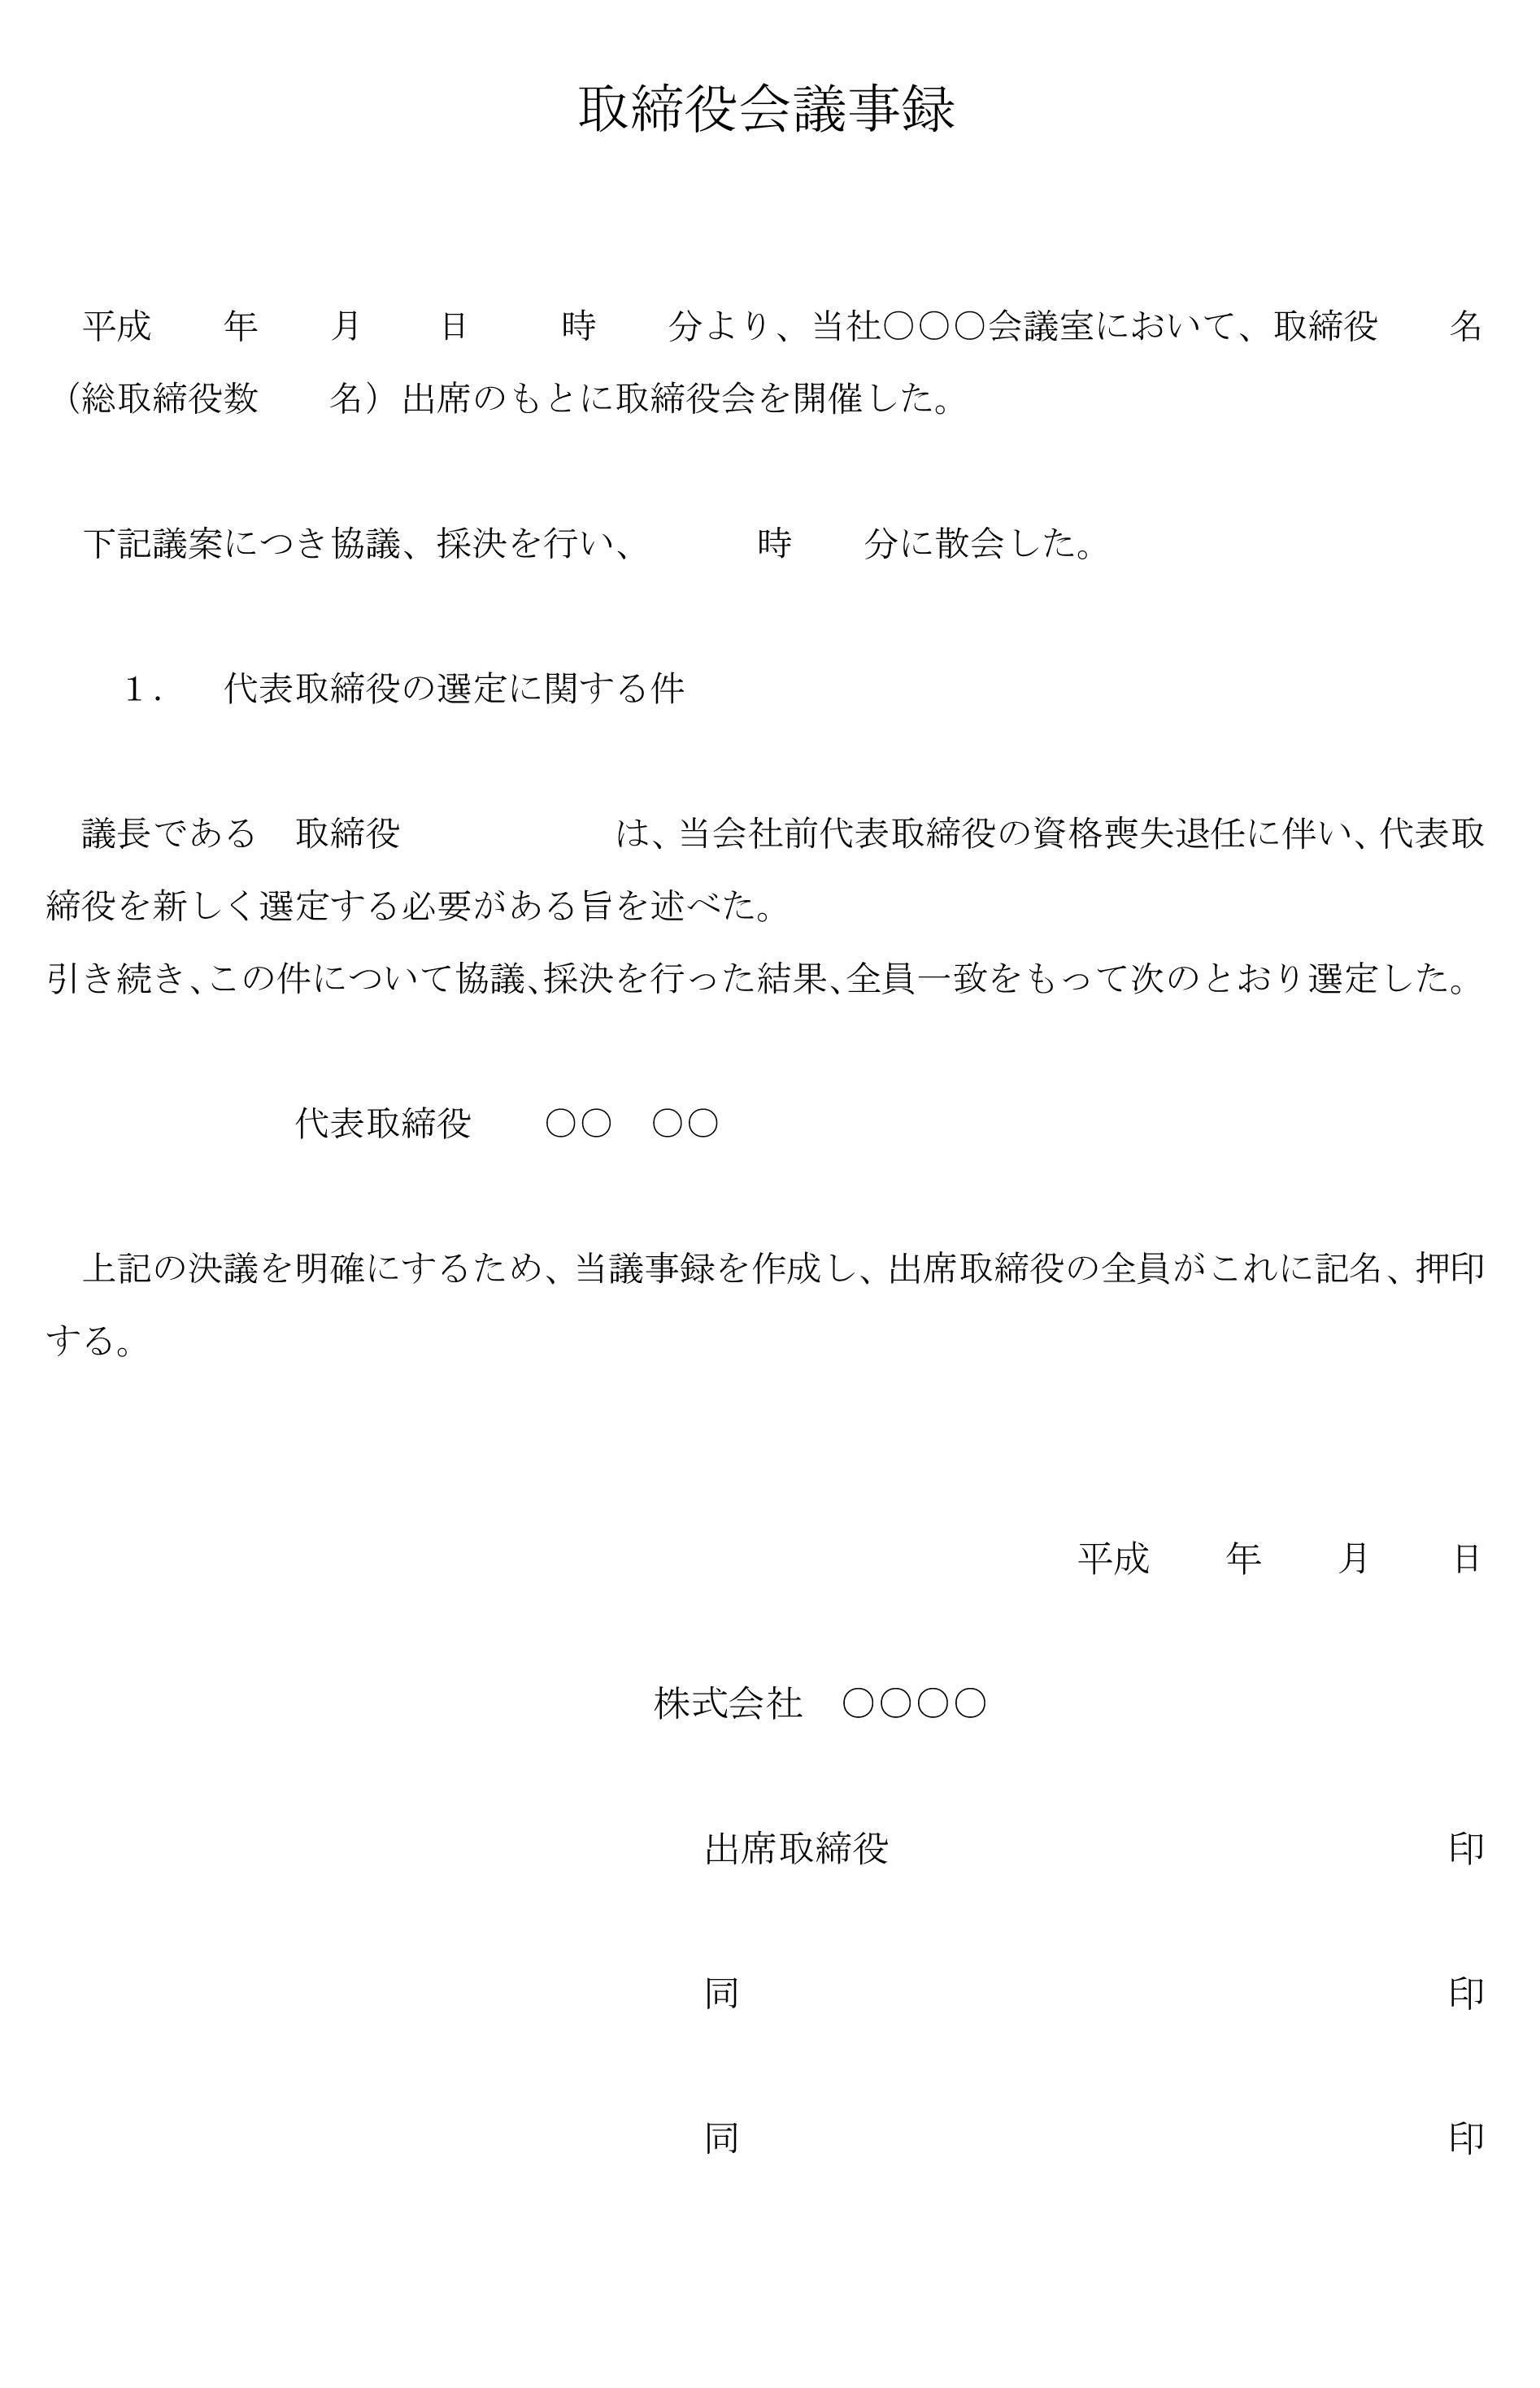 取締役会議事録(代表取締役の選定)01